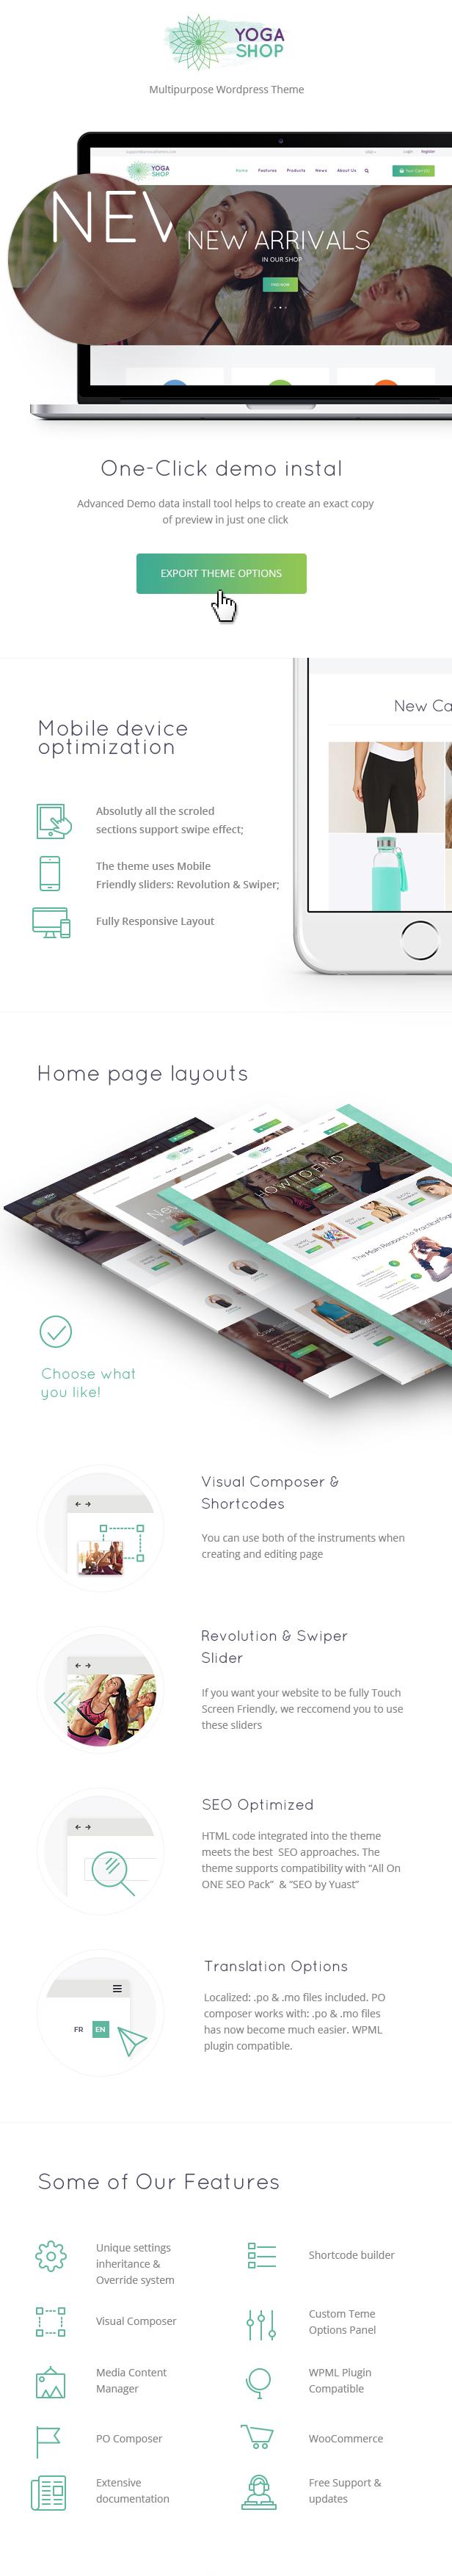 Yoga Shop - Ein moderner Sportbekleidung- und Ausrüstungsshop WordPress Template